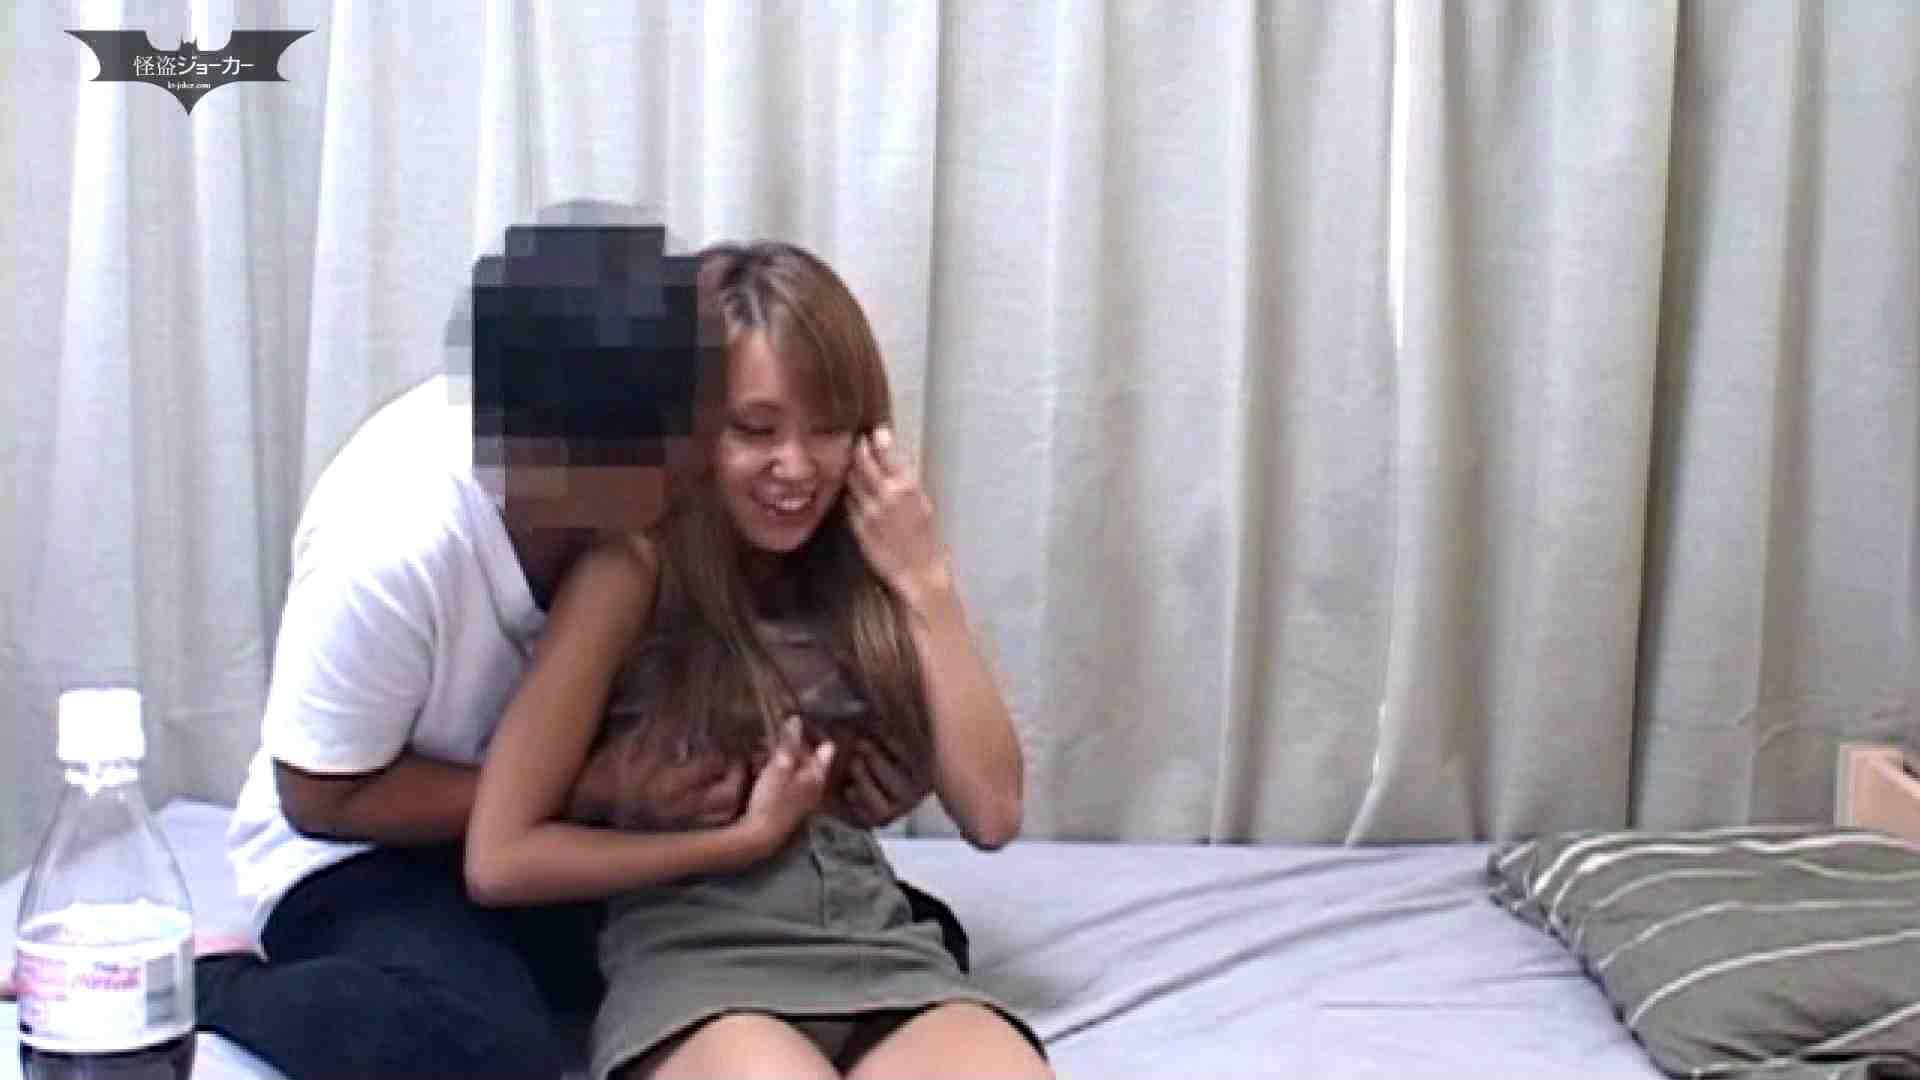 素人女良を部屋に連れ込み隠し撮りSEX!! その27 幼馴染みの女の子 まお 美乳 SEX無修正画像 105画像 16